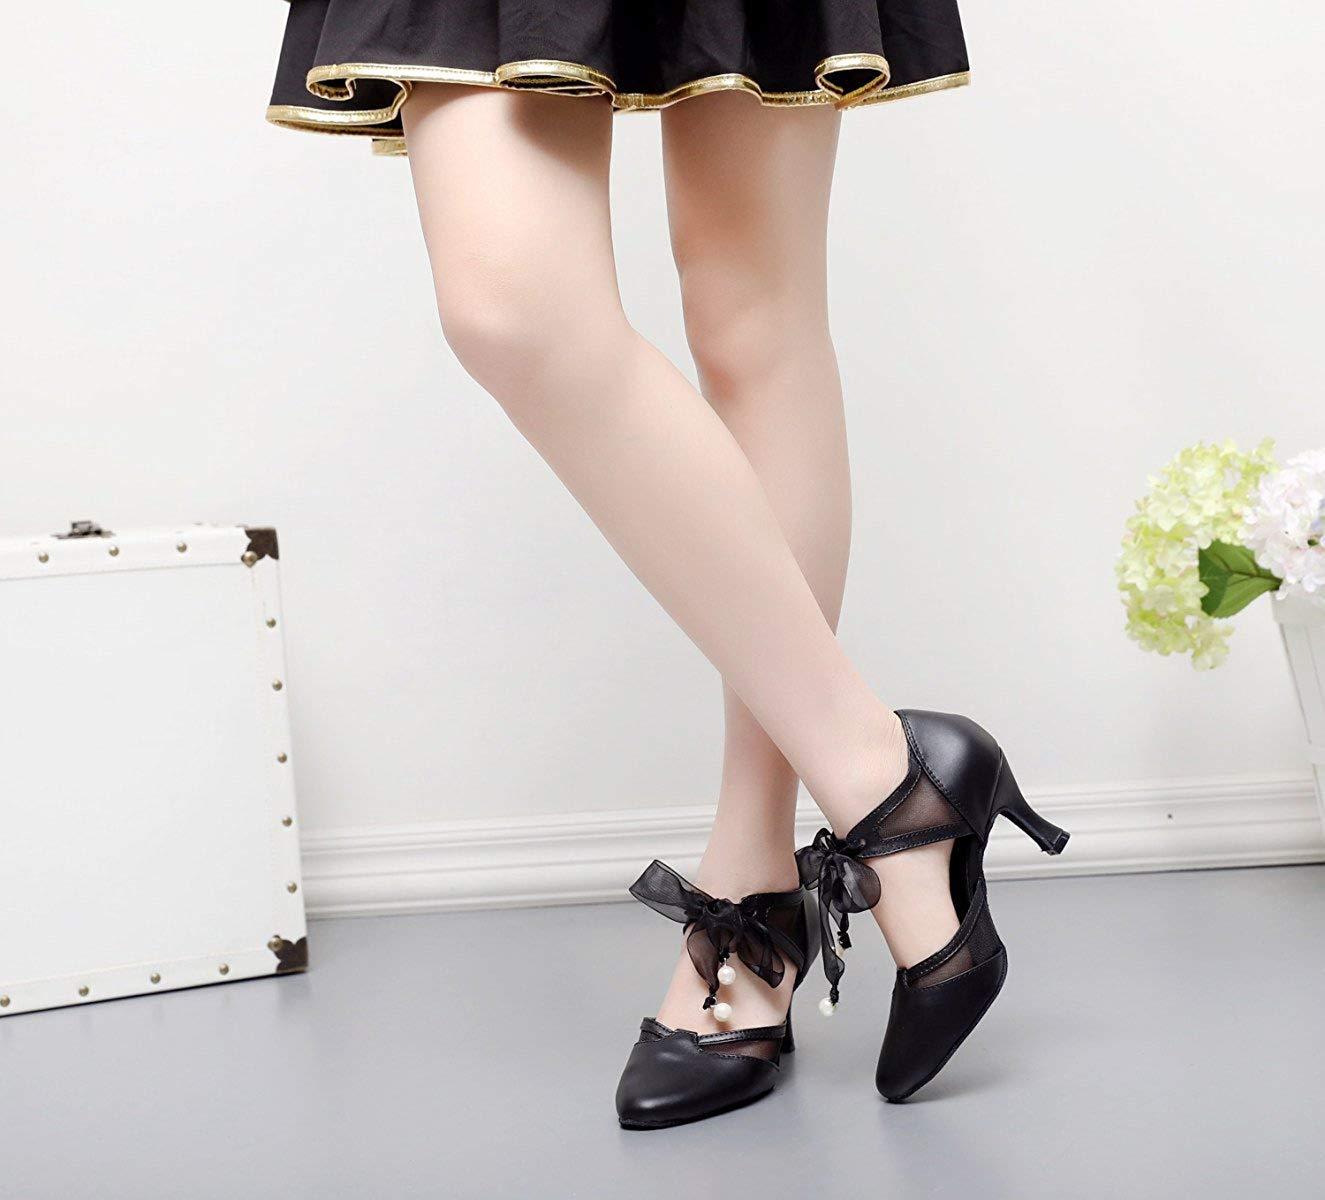 Damen Strap Leder Latin Salsa Ballroom Dance Schuhe Jazz Tango Chacha Samba Modern Jazz Schuhe Schuhe Sandalen High Heels Schwarz-Absatz7.5cm-UK2.5   EU32   Our33 254d1b